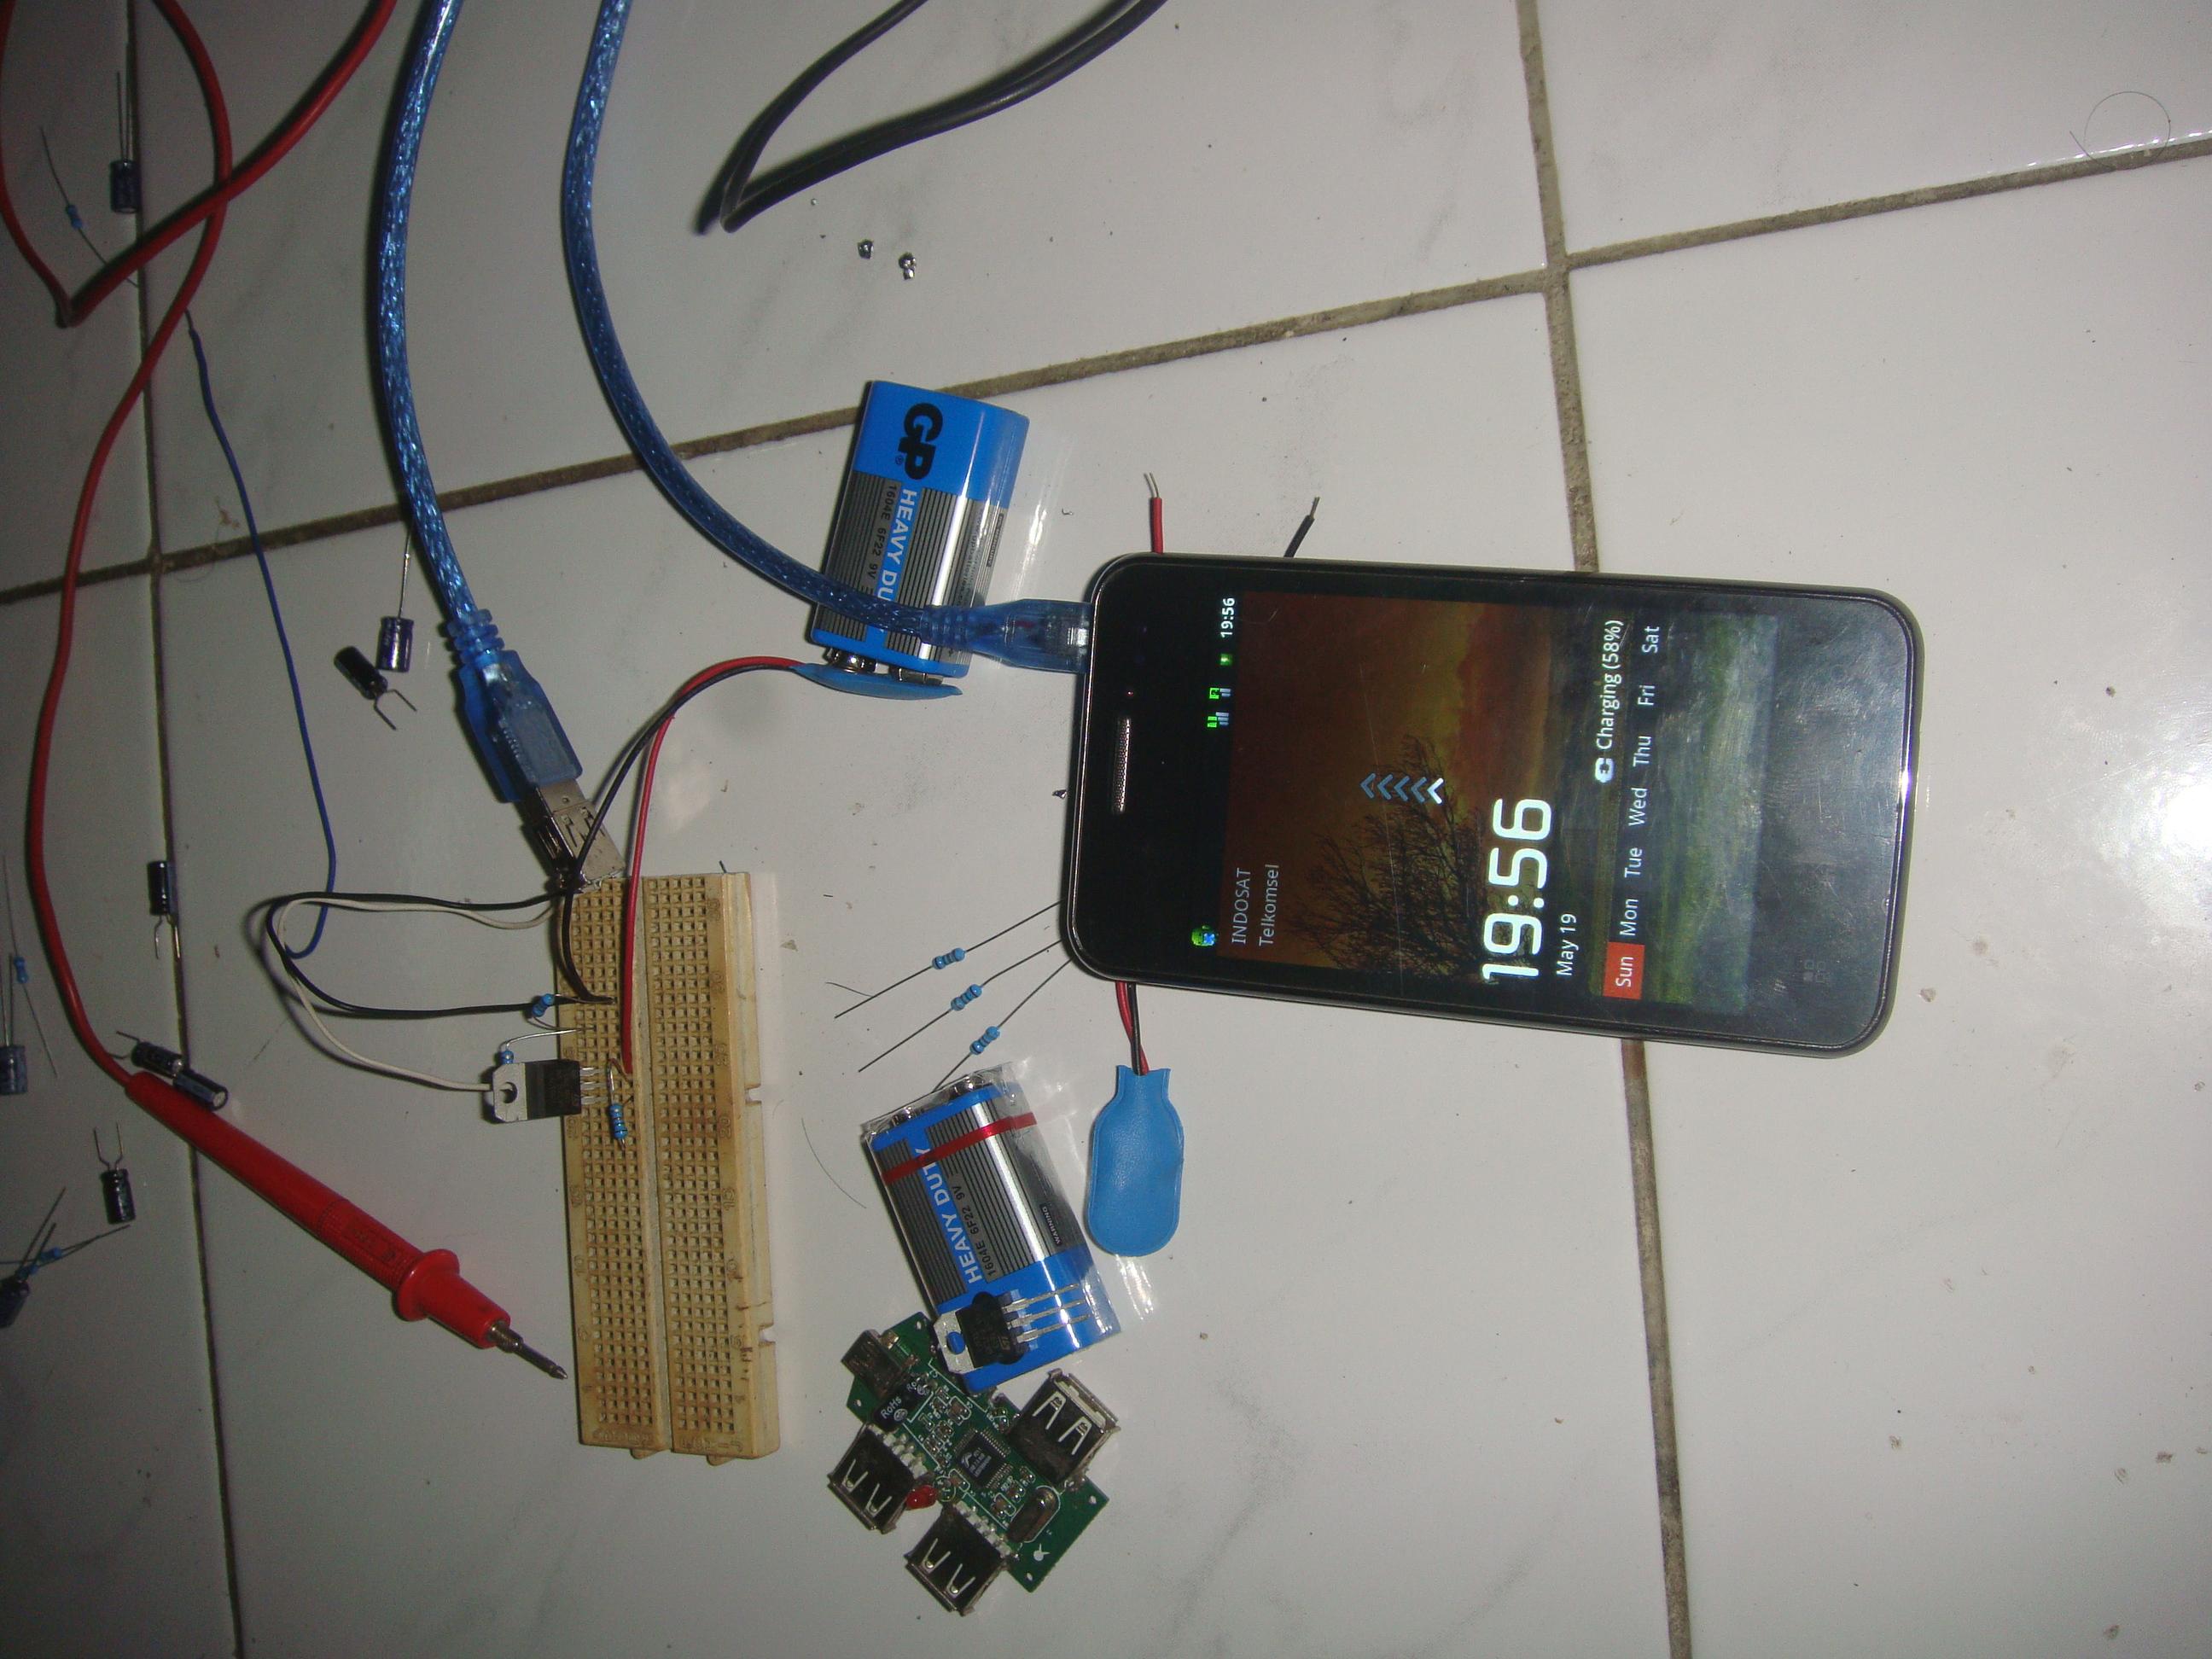 Diy Power Bank Diy4all Usb Powered Battery Charger Circuit Gambar Skema Rangkaian Nah Karena Pada Hp Android Membutuhkan Inisialisasi Charging Maka Agar Dikenali Pinusb Untuk Data Dan Harus Dihubungkan Berikut Pinout